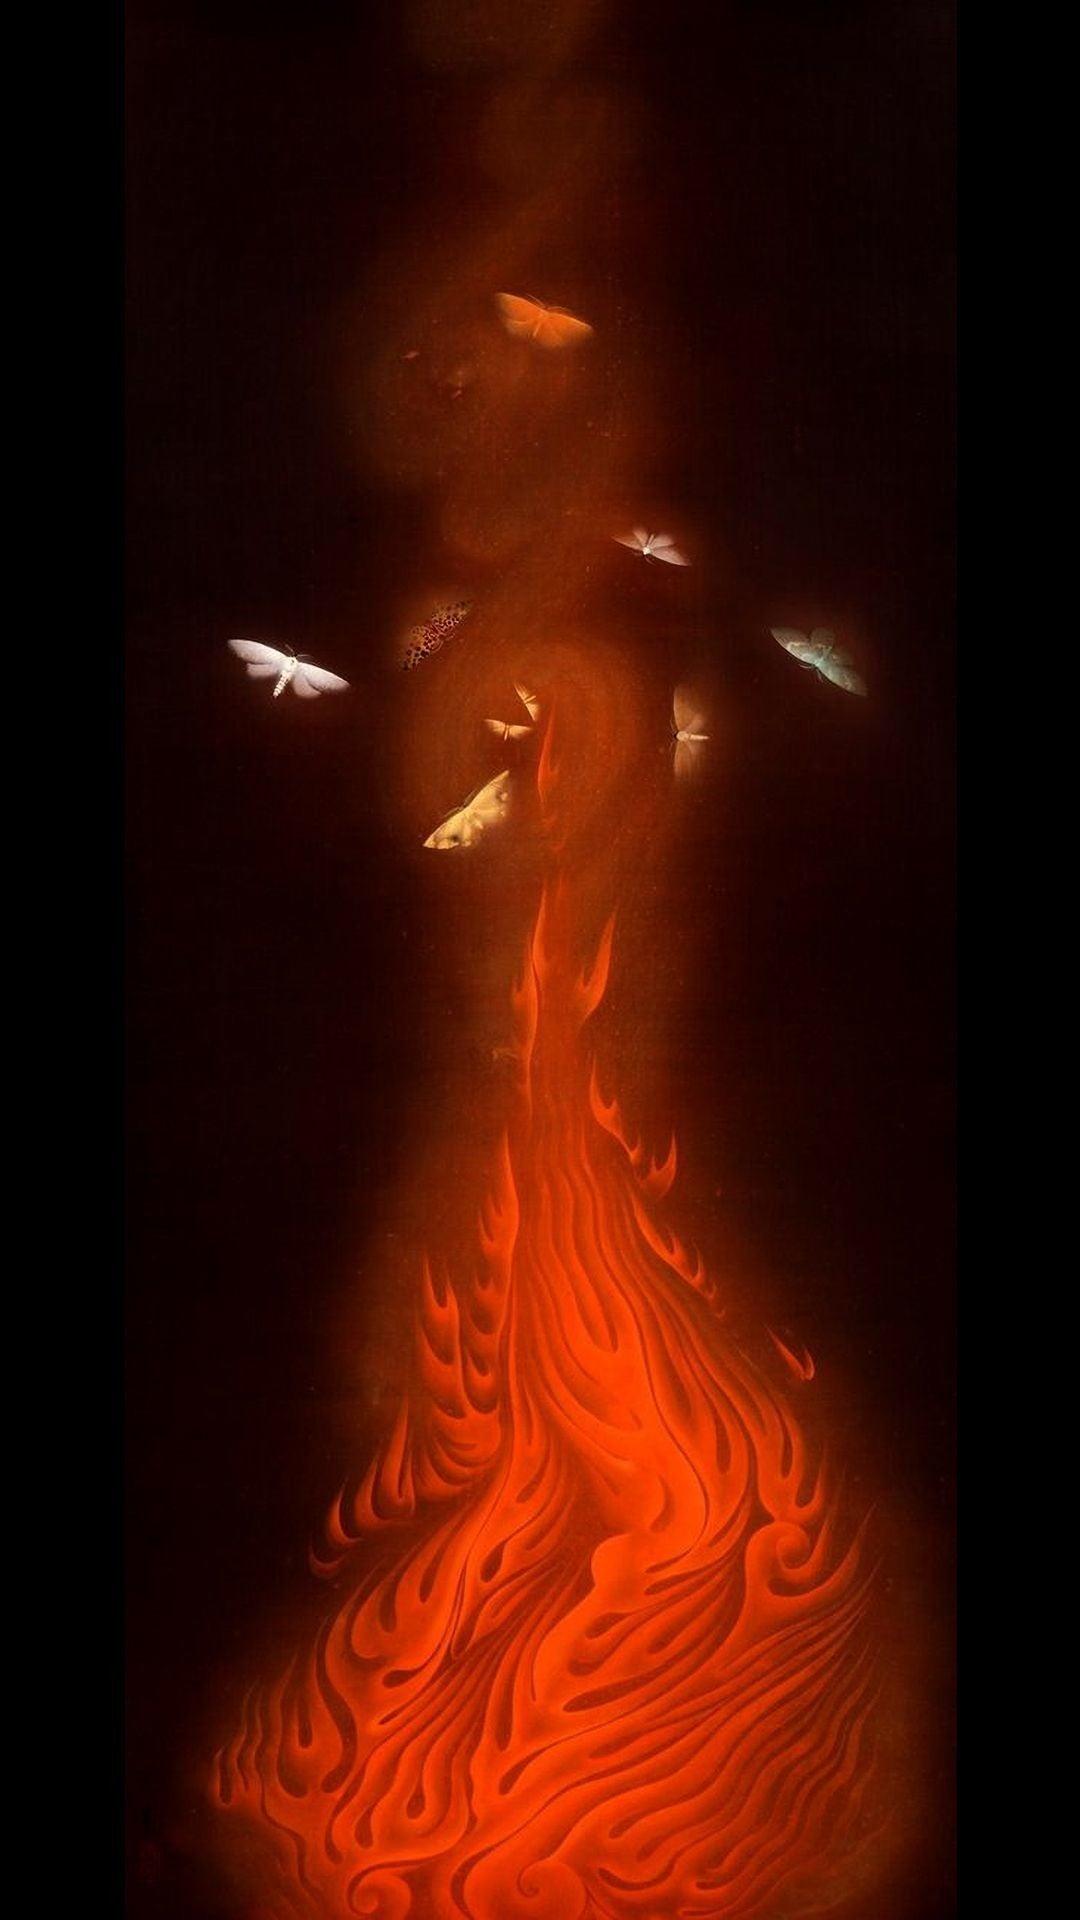 今日の一枚)「炎舞」速水御舟の幽玄な視点|artoday - chiaki|note